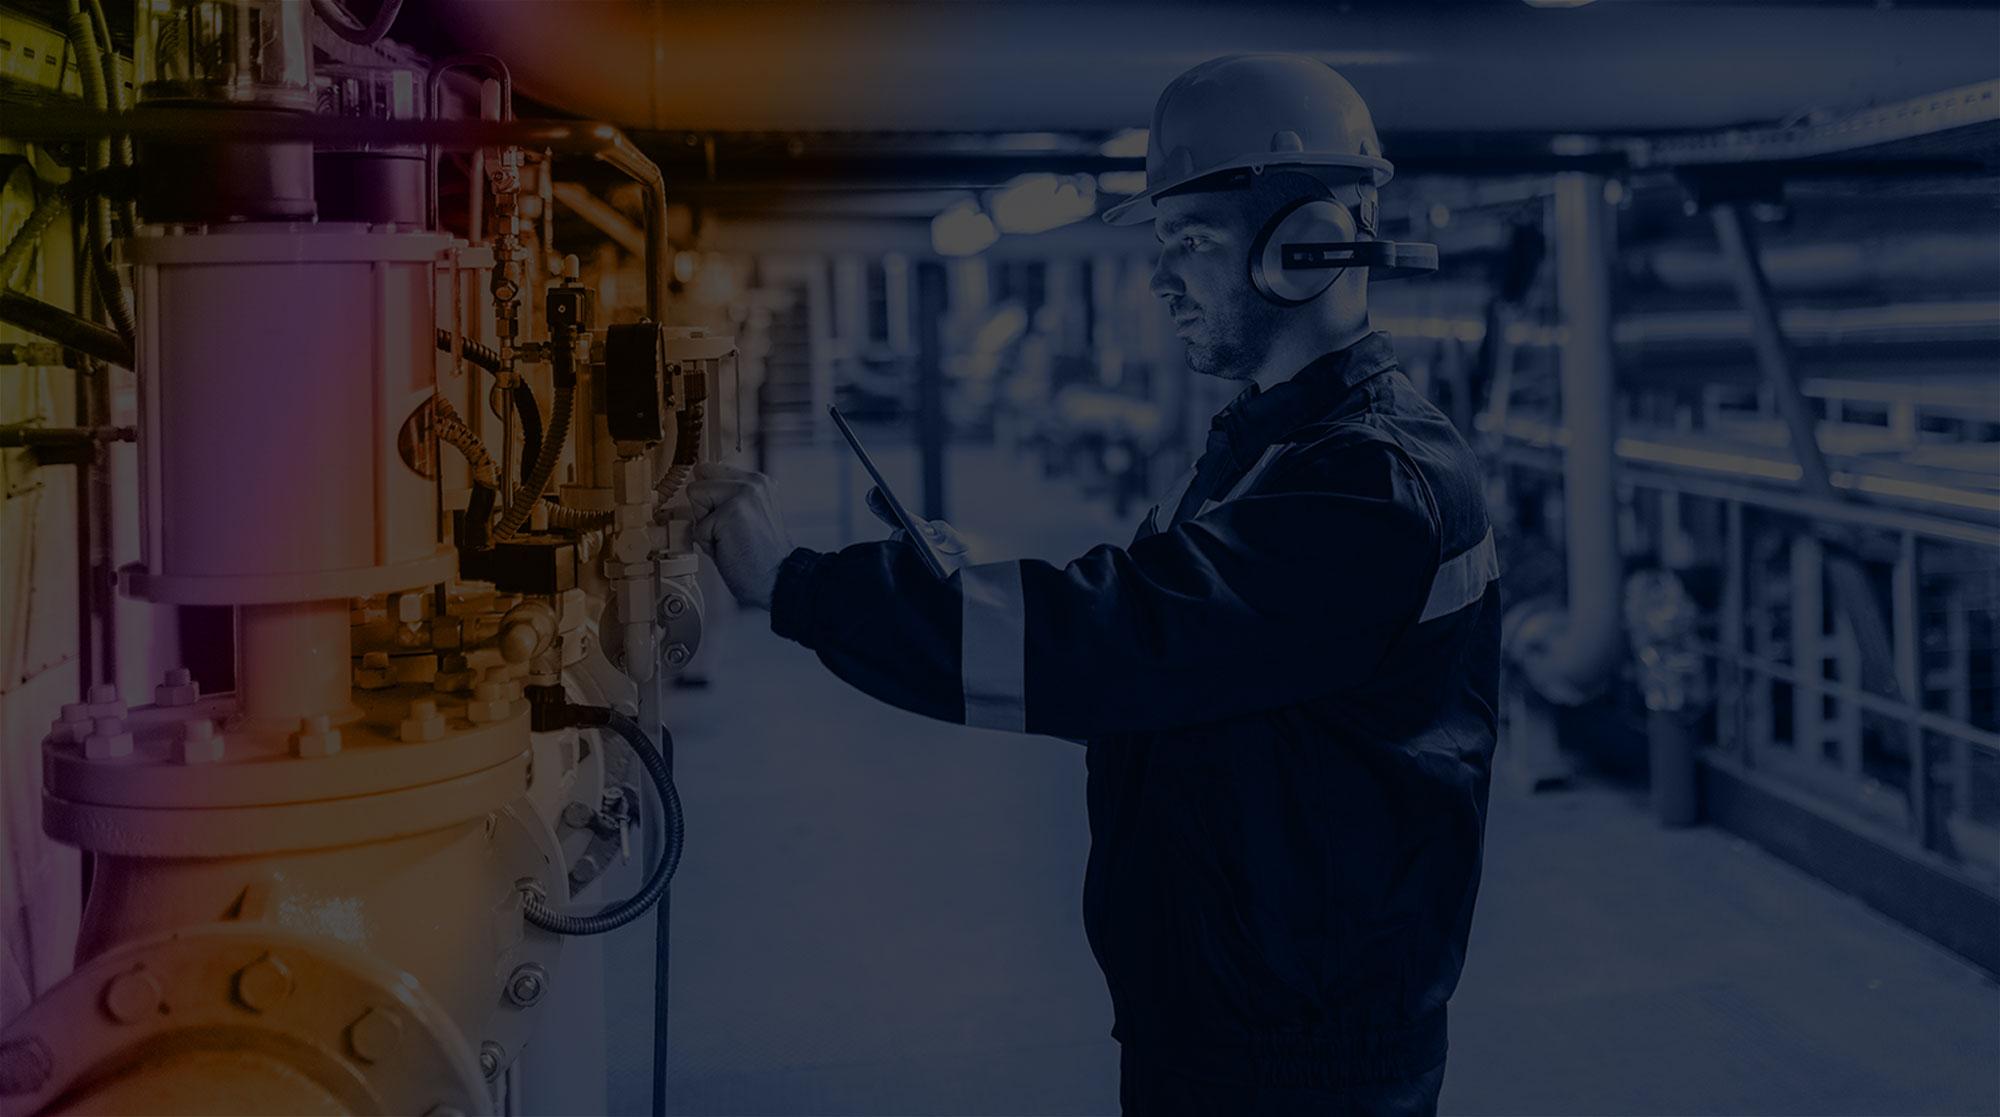 Energy Construction Services Inc. service technician slide